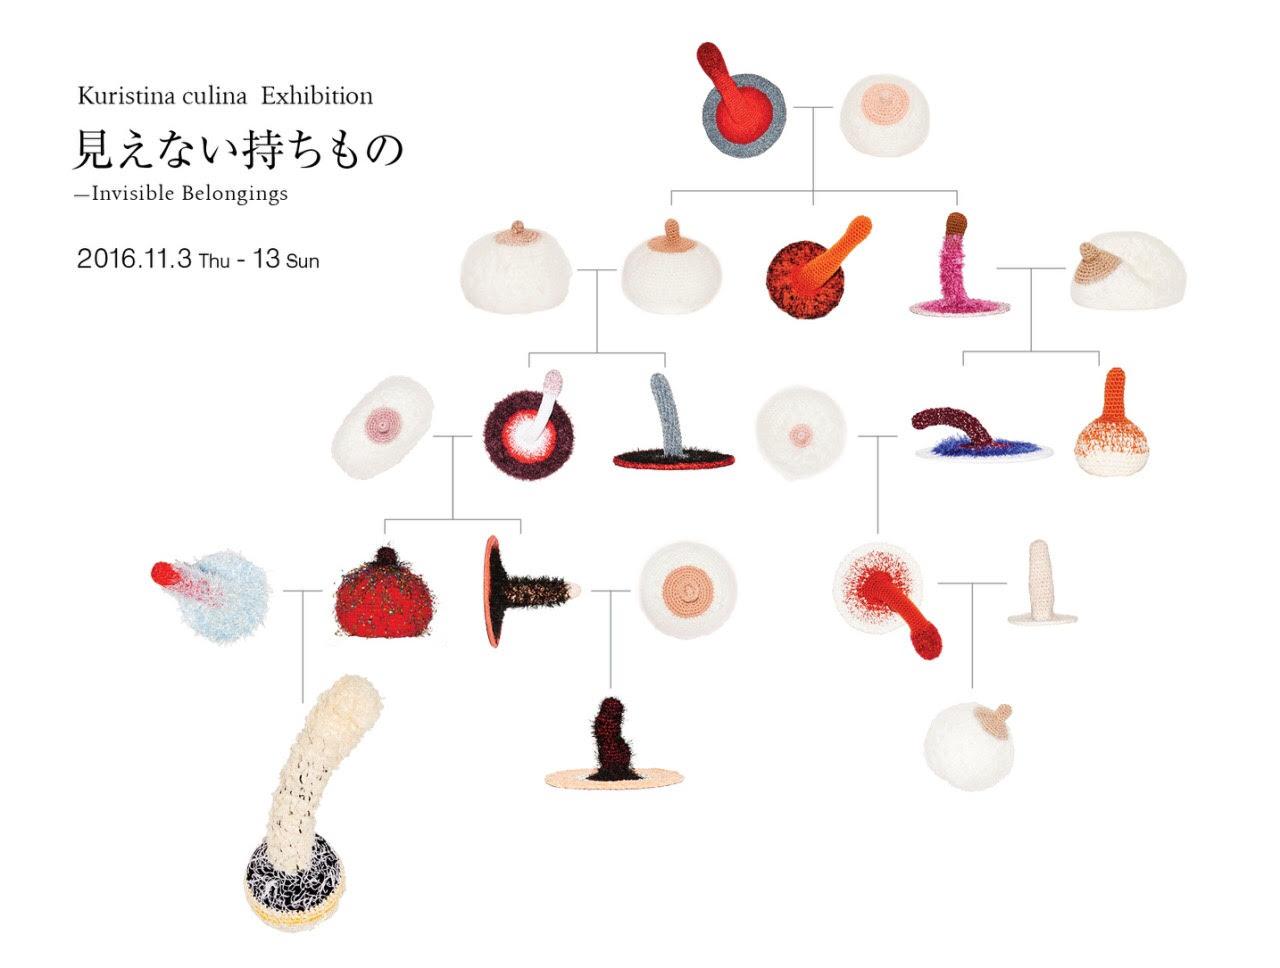 クリスティーナクリナ個展「見えない持ちもの -Invisible Belongings」【今週のおす